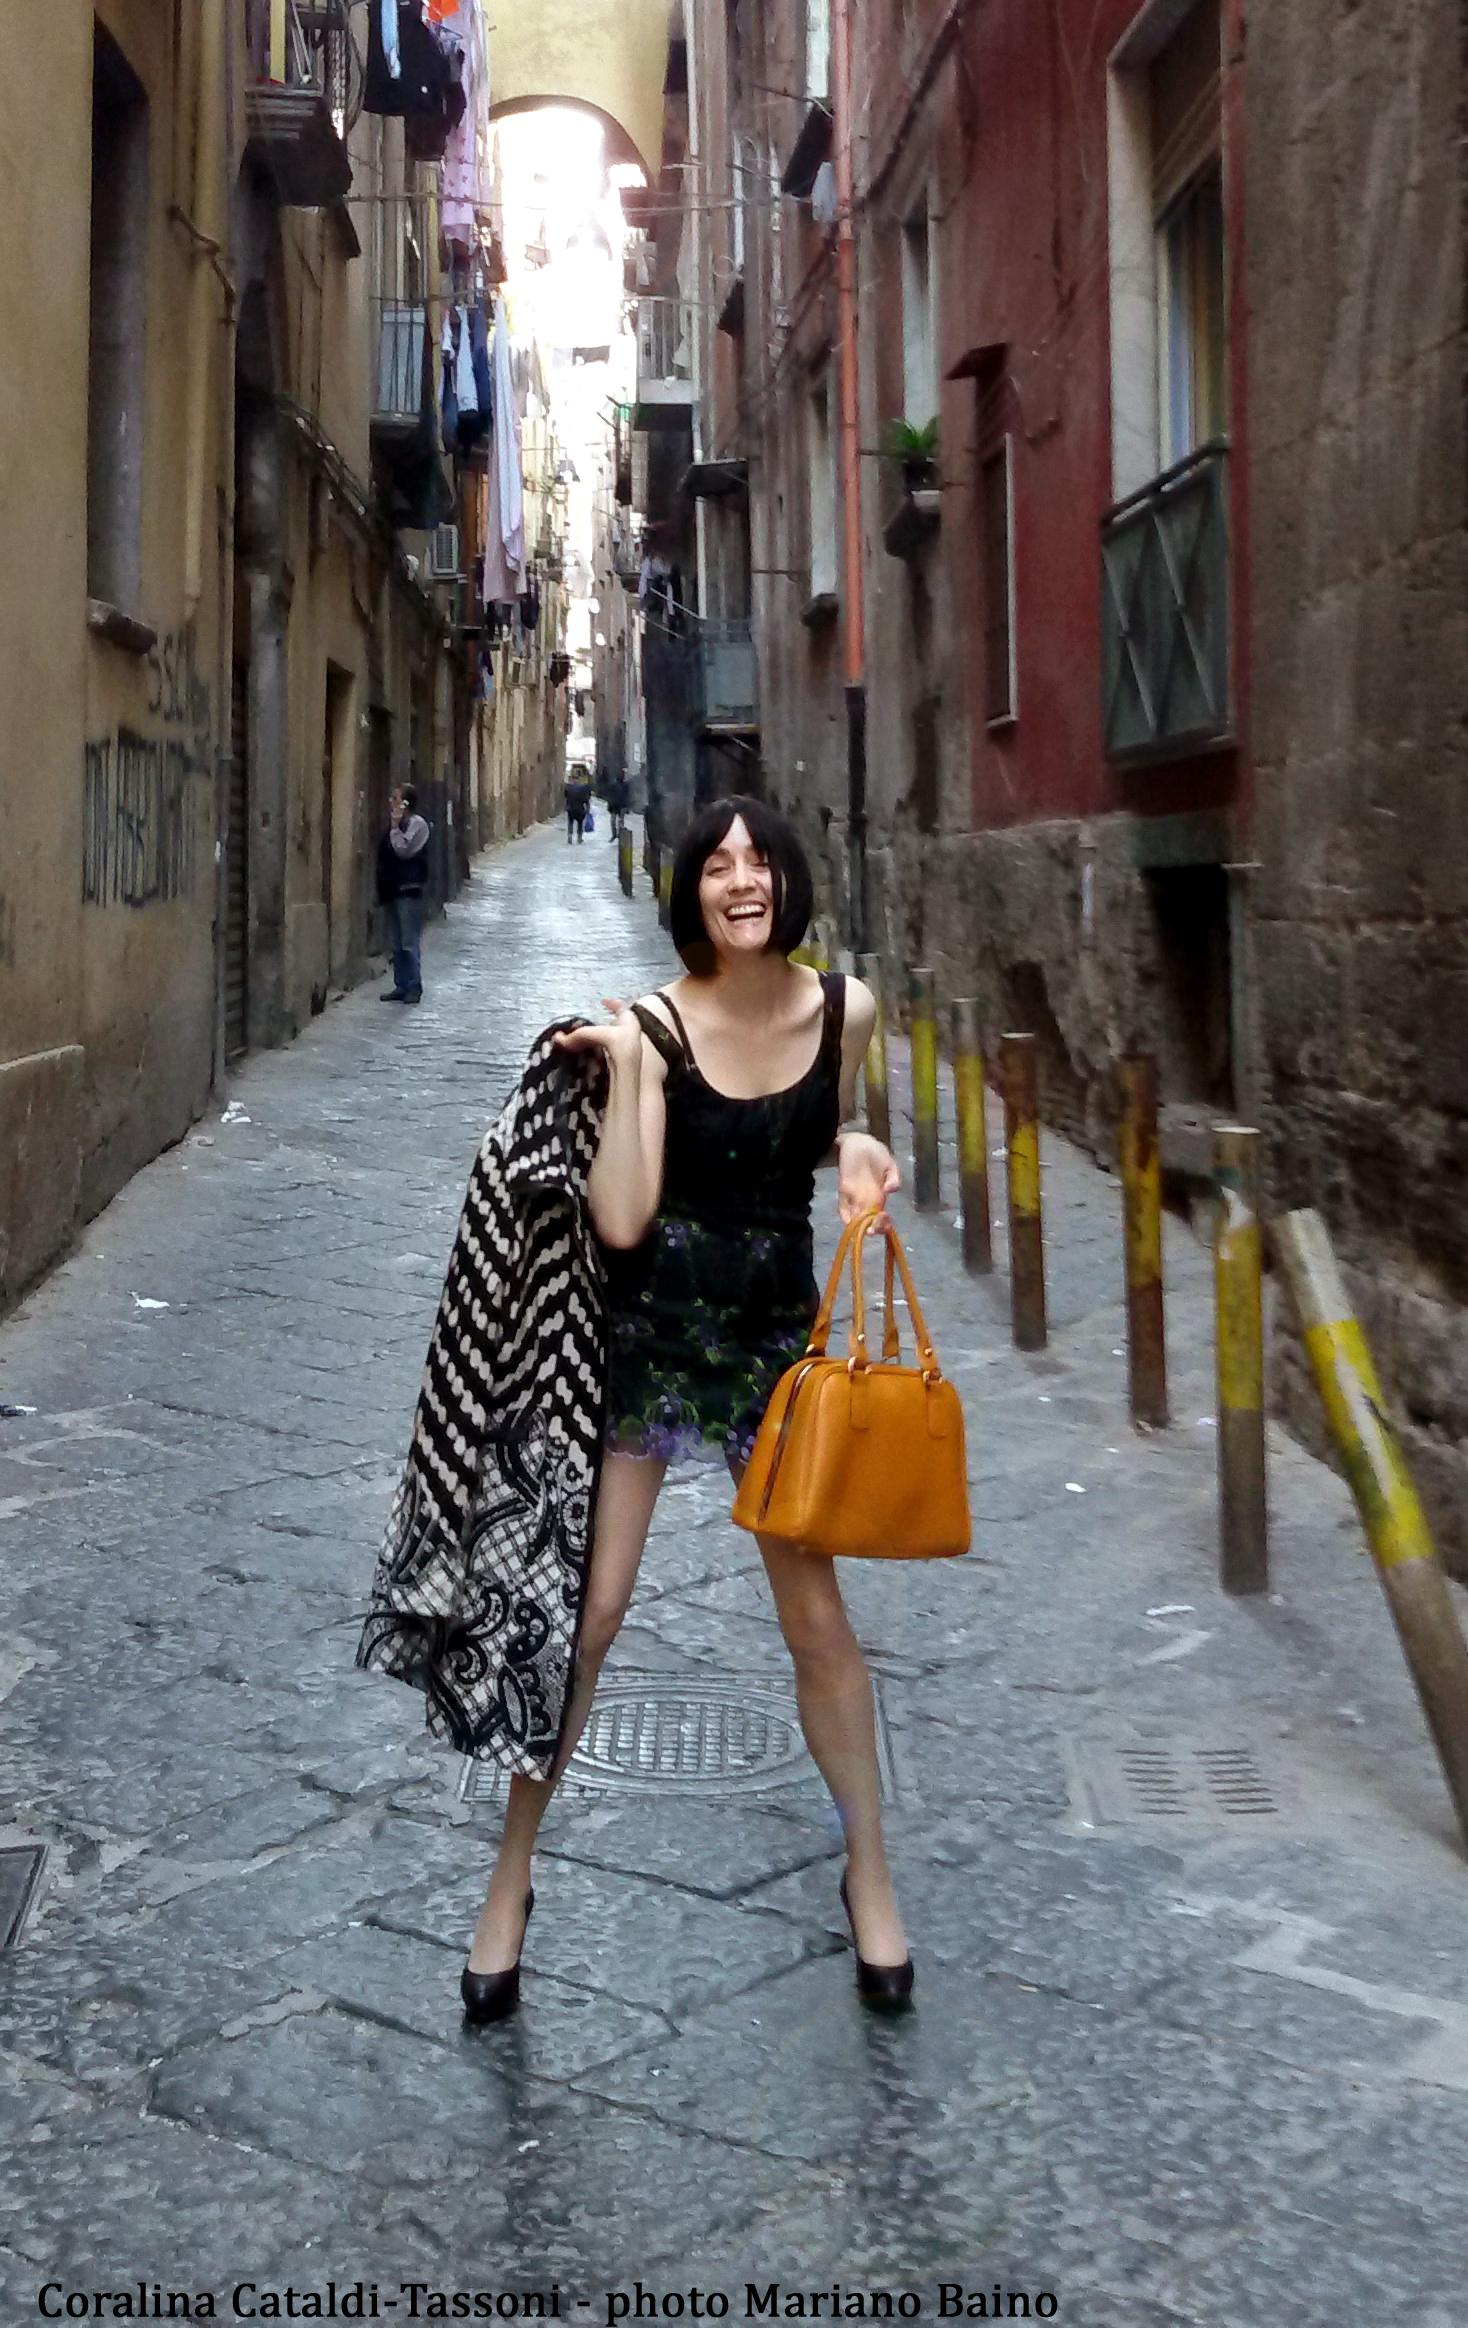 Actress Coralina Cataldi-Tassoni photo Mariano Baino copyright 2015 (14).jpg